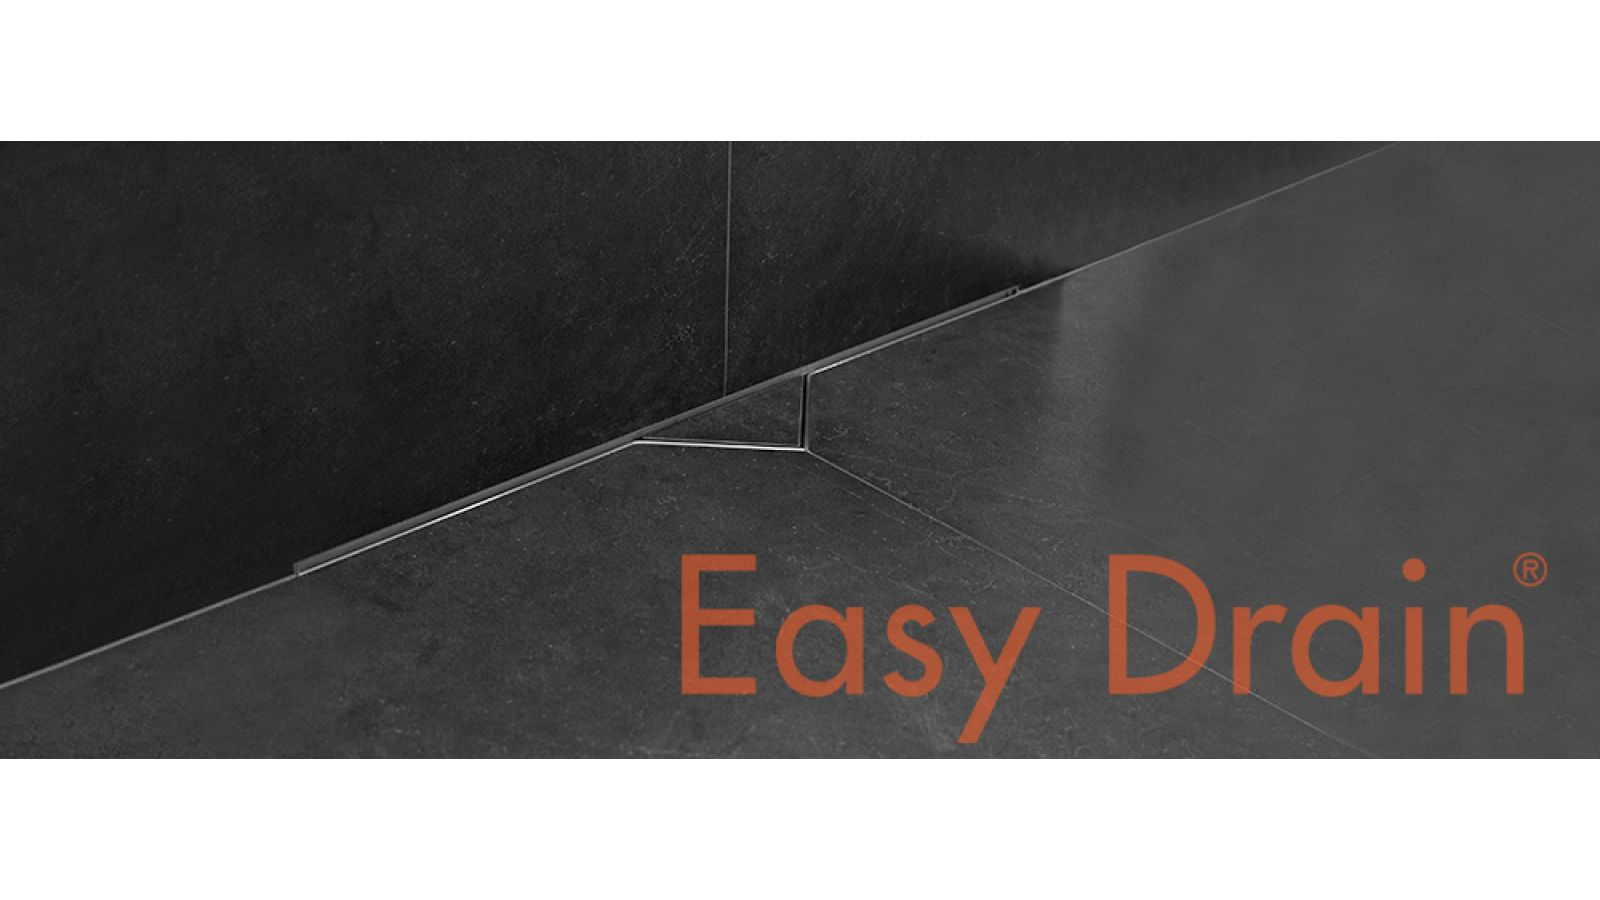 Easy Drain S-Line